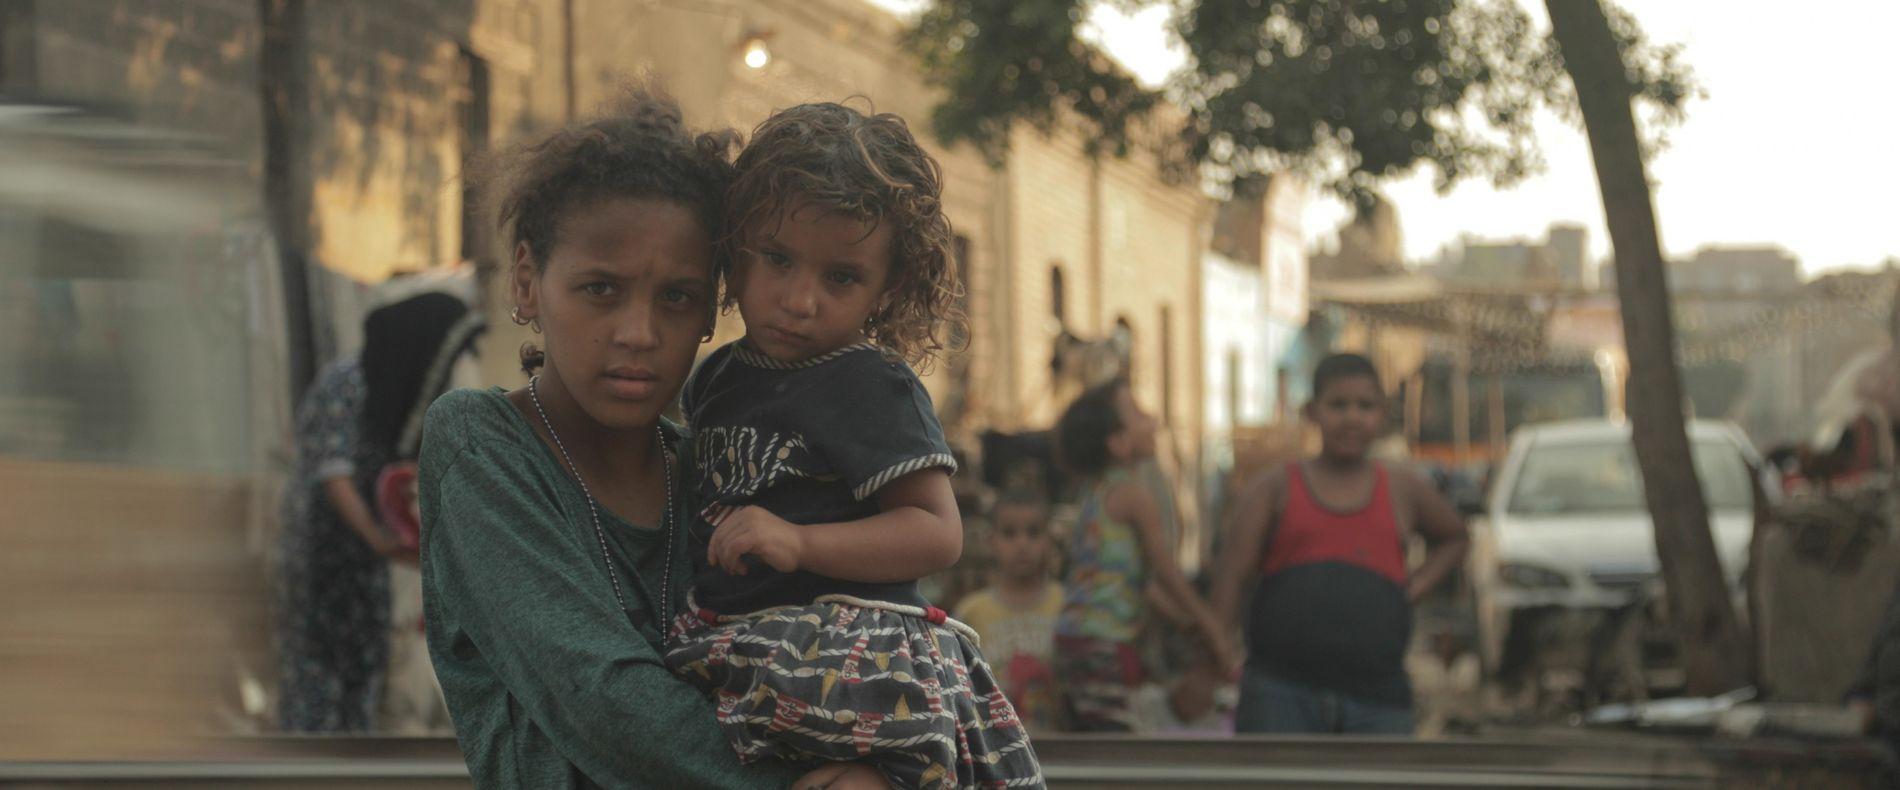 Deux jeunes habitantes de la Cité des morts fixent notre caméra avec défiance.